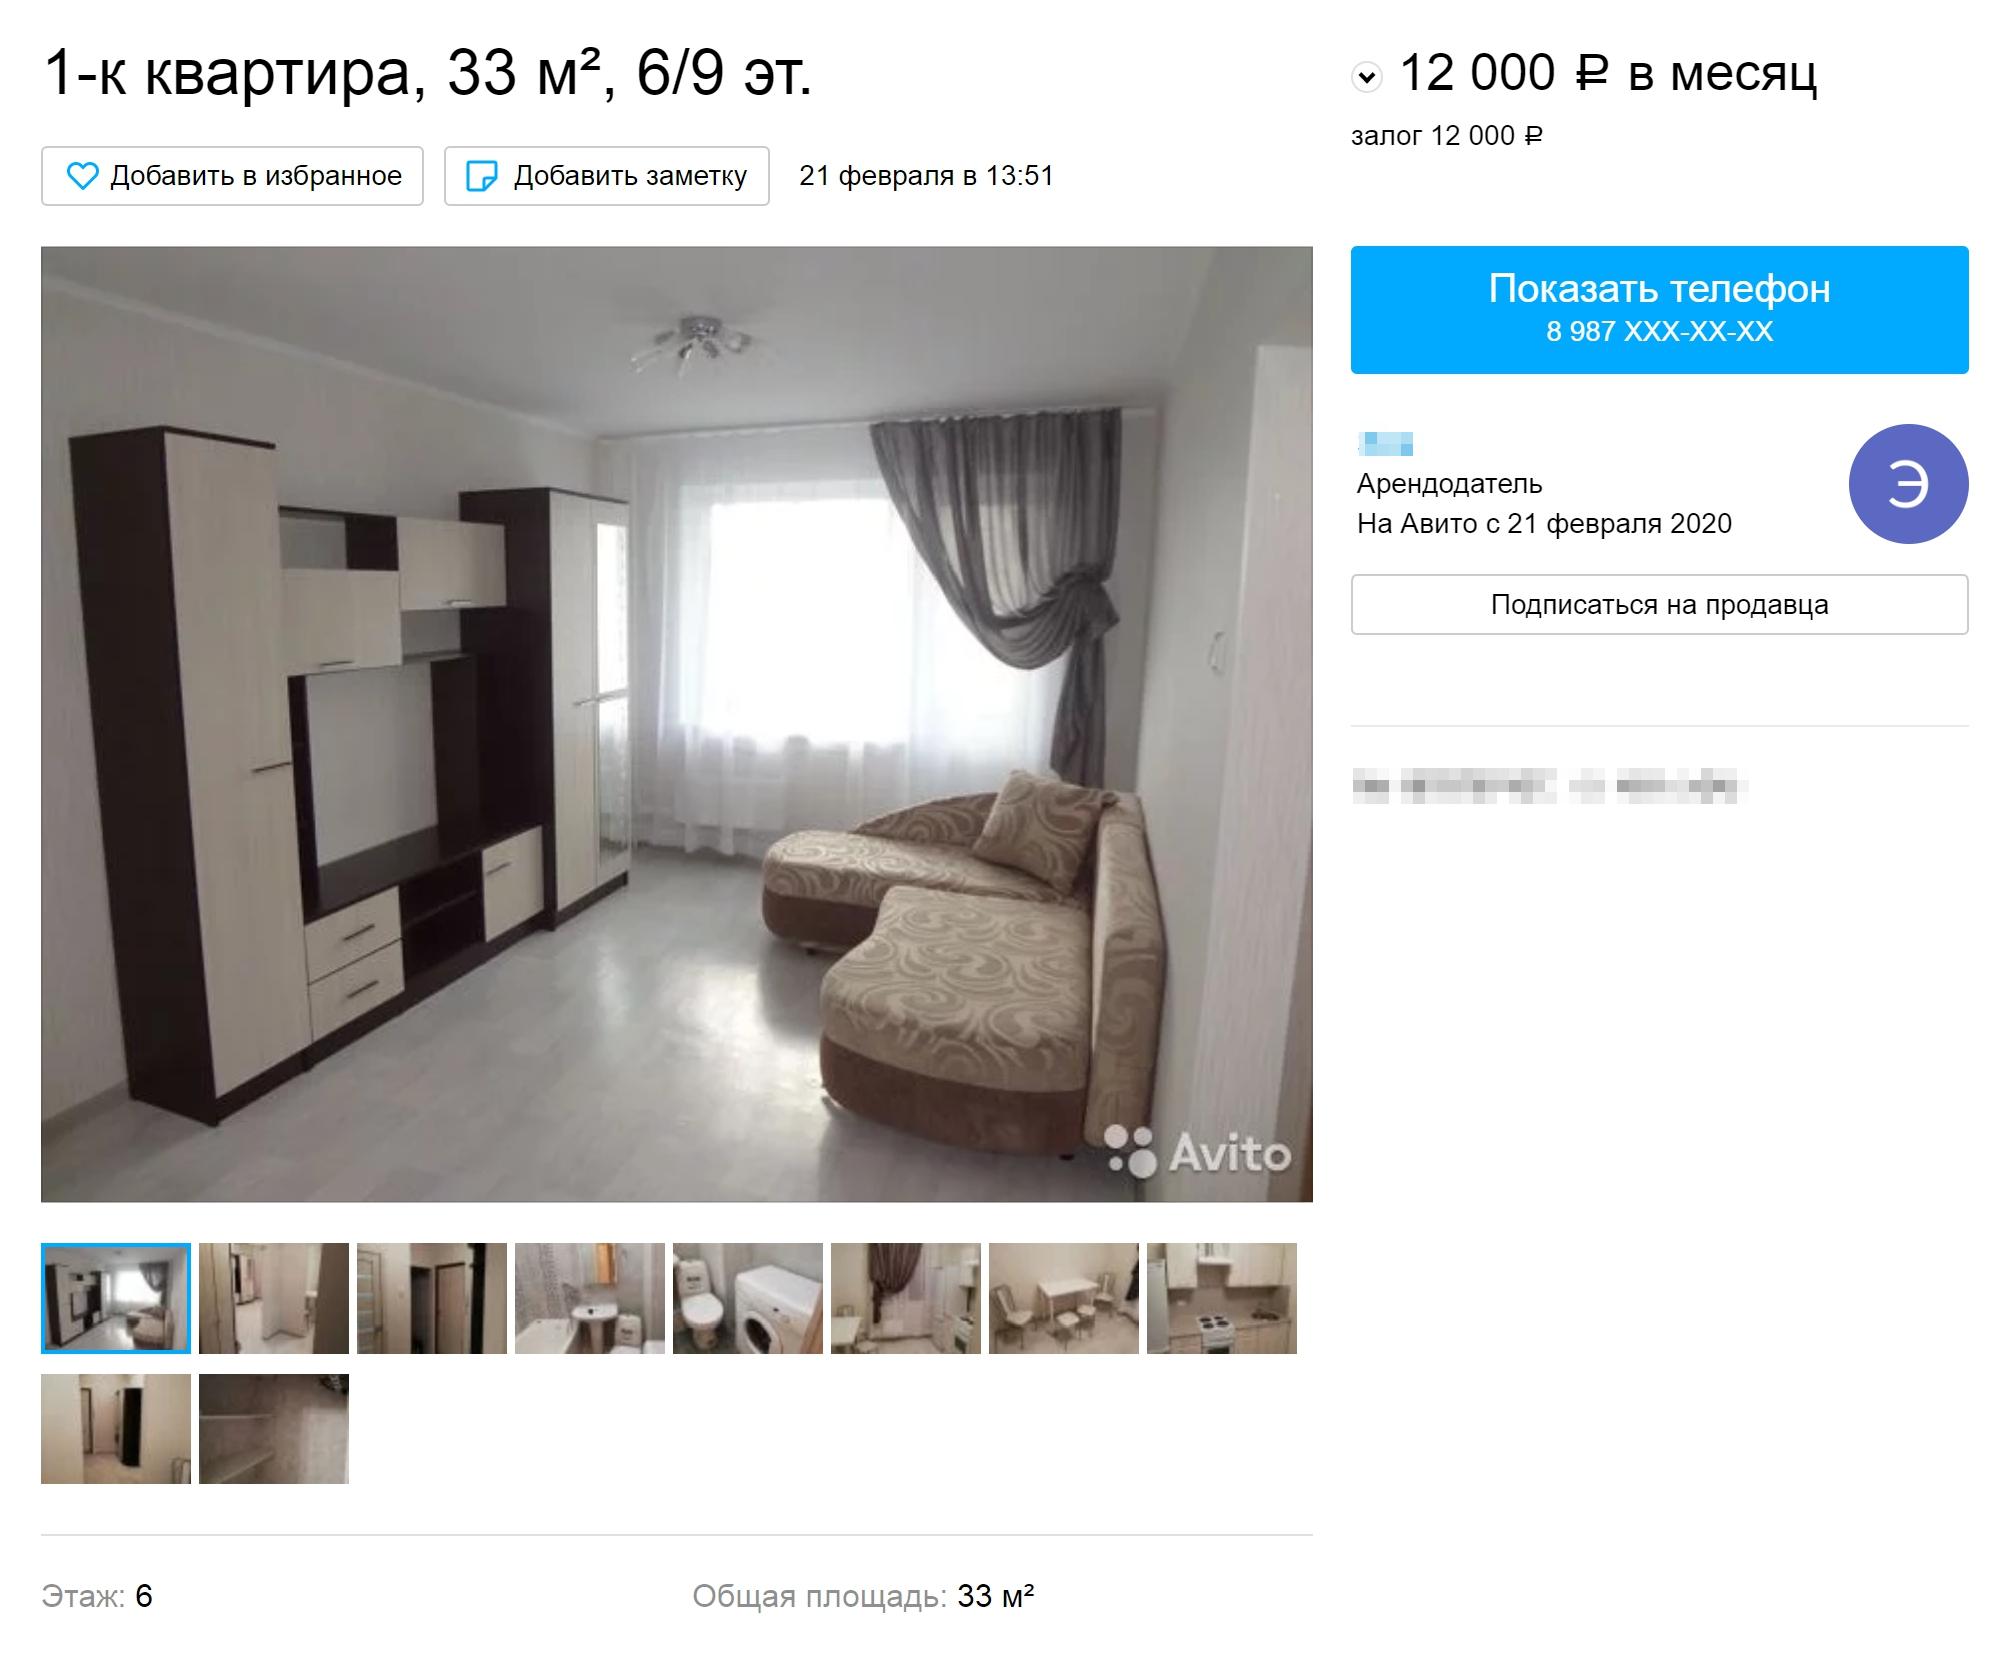 Аренда однушки в Автозаводском районе обойдется в 12 000<span class=ruble>Р</span>